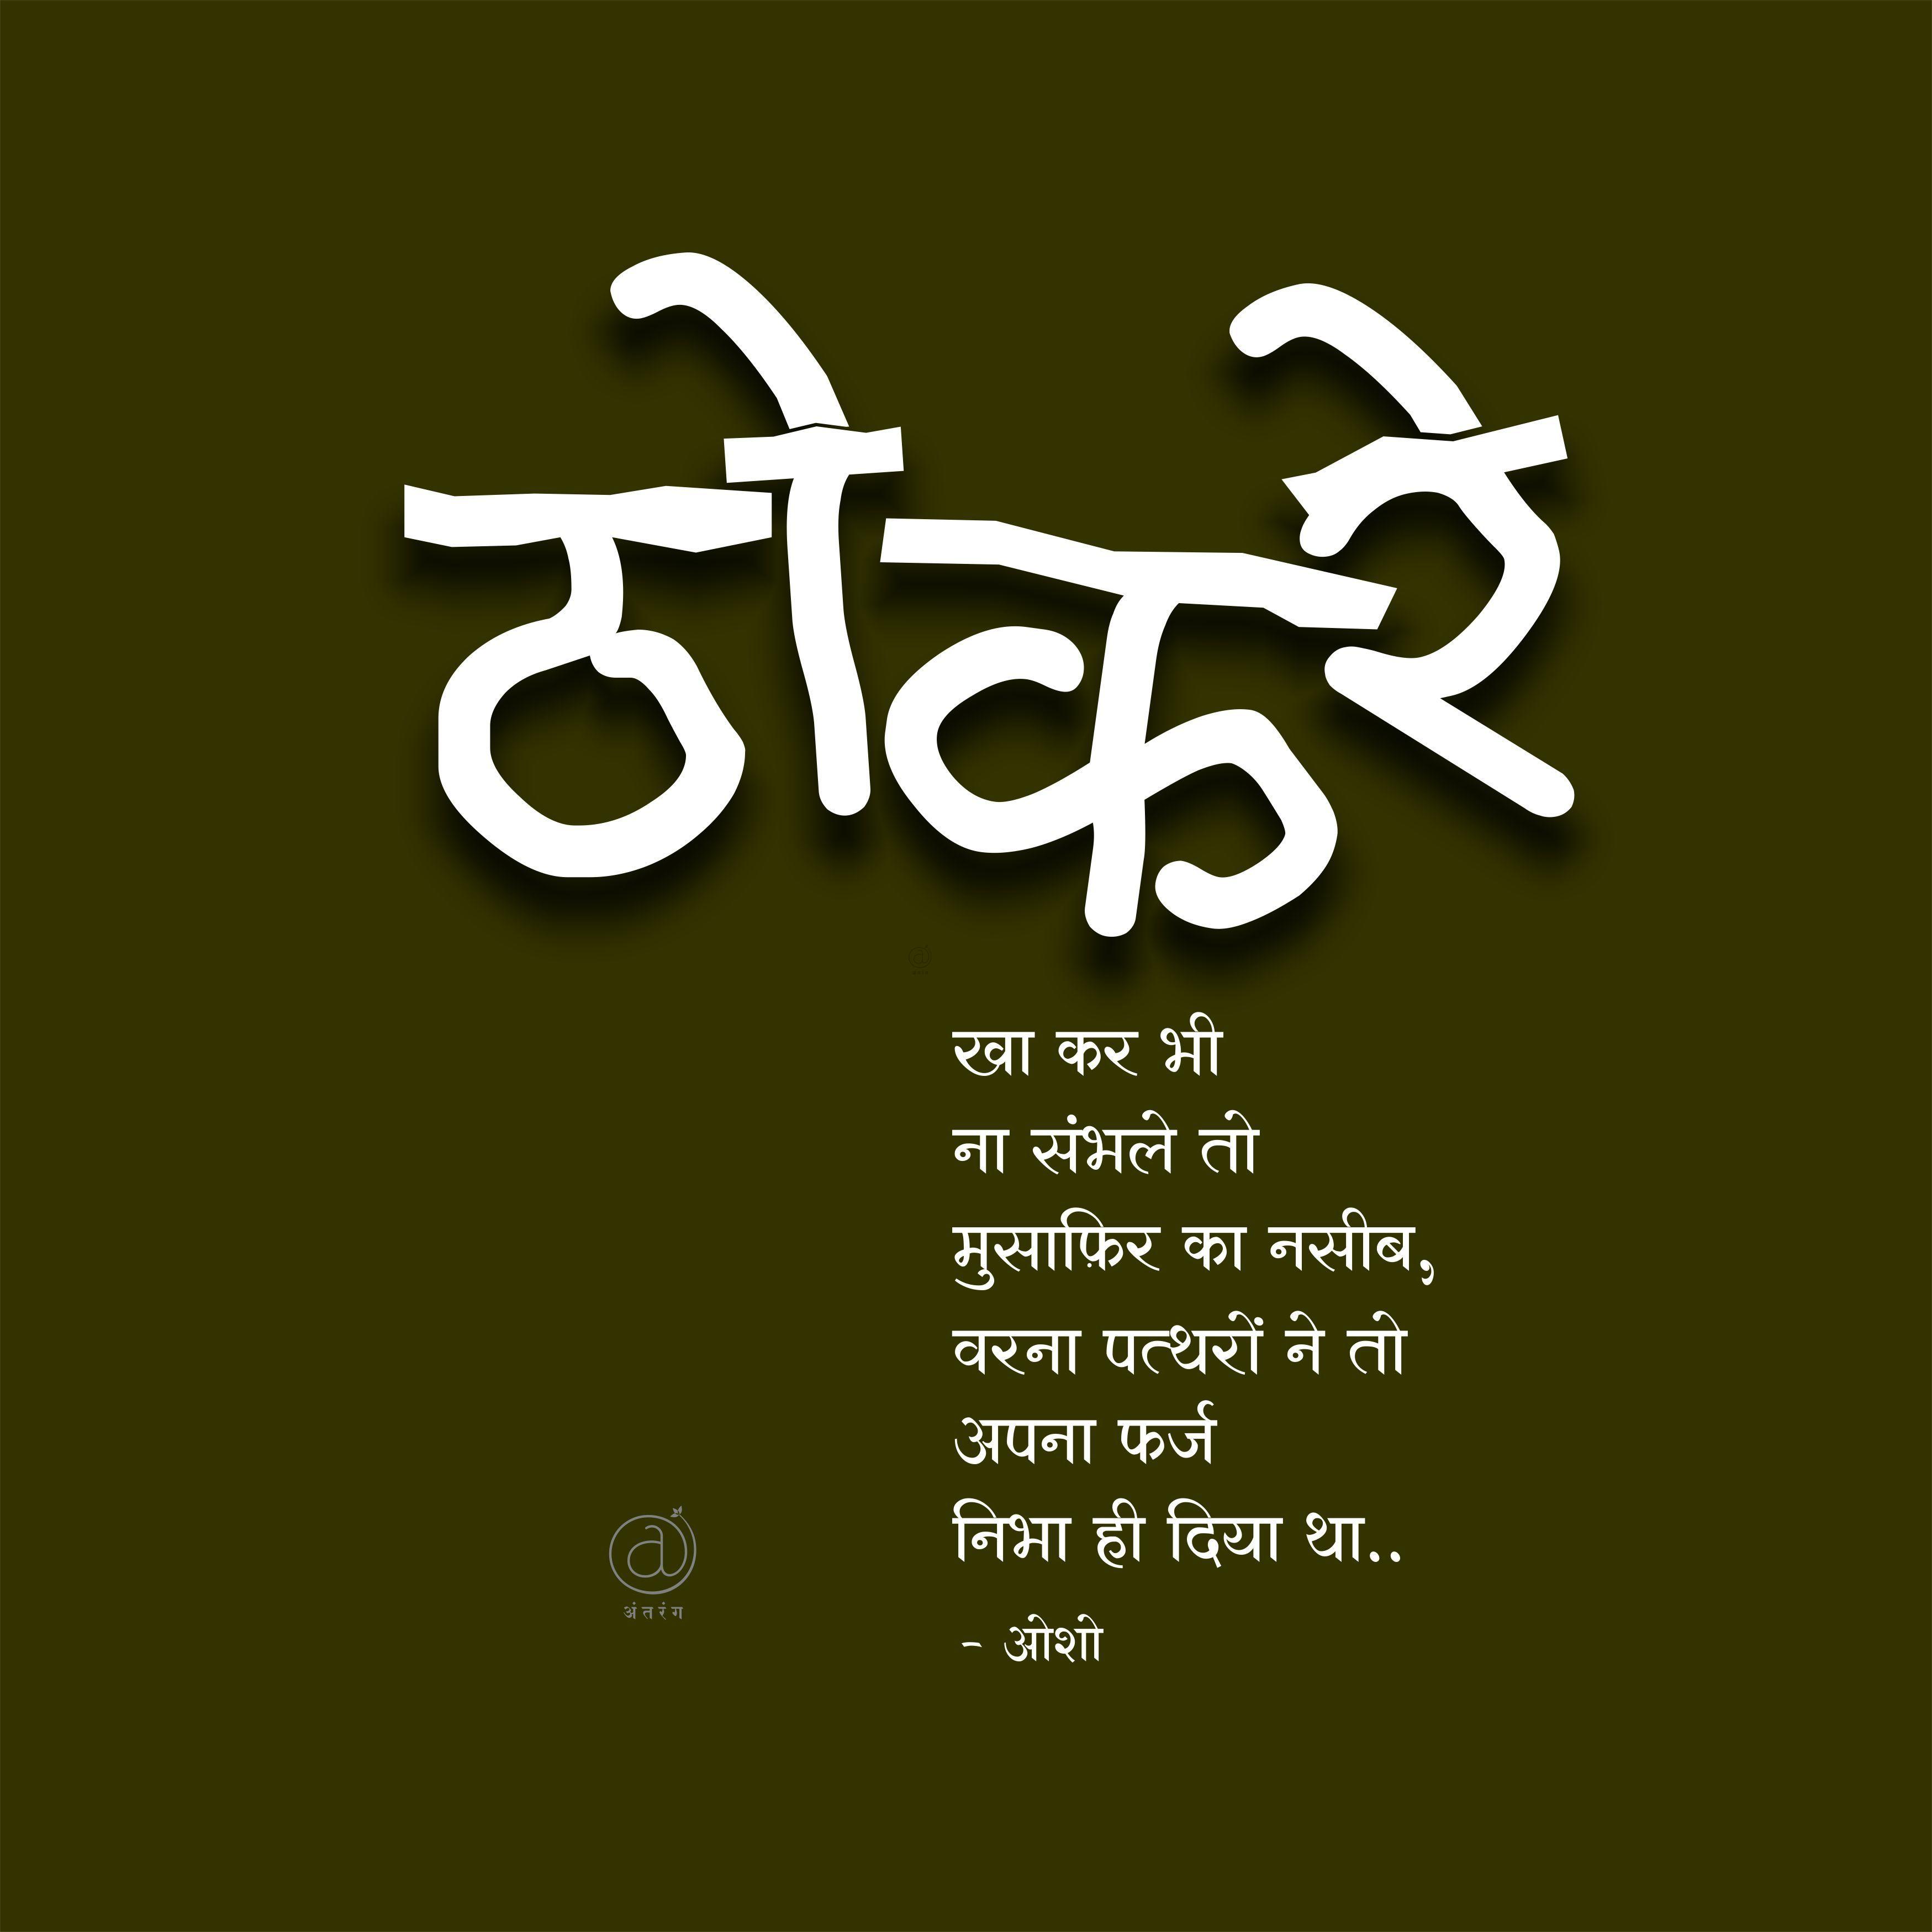 Thoker Hindi Quote Hindi Quotes Quotes Swami Vivekananda Quotes